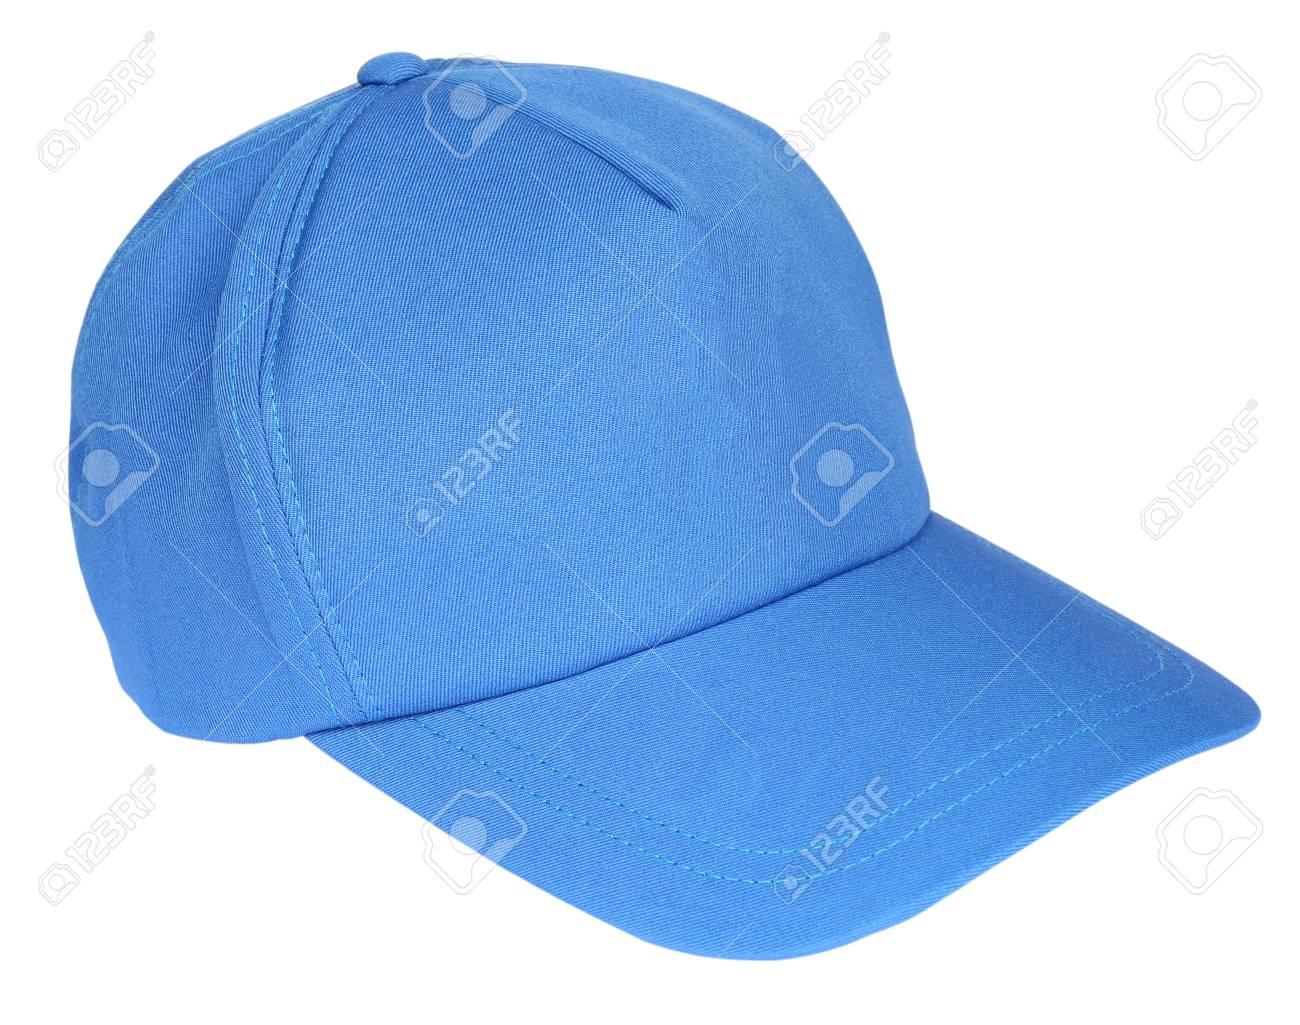 Foto de archivo - Gorra de béisbol azul aislado en un fondo blanco 952c321c227